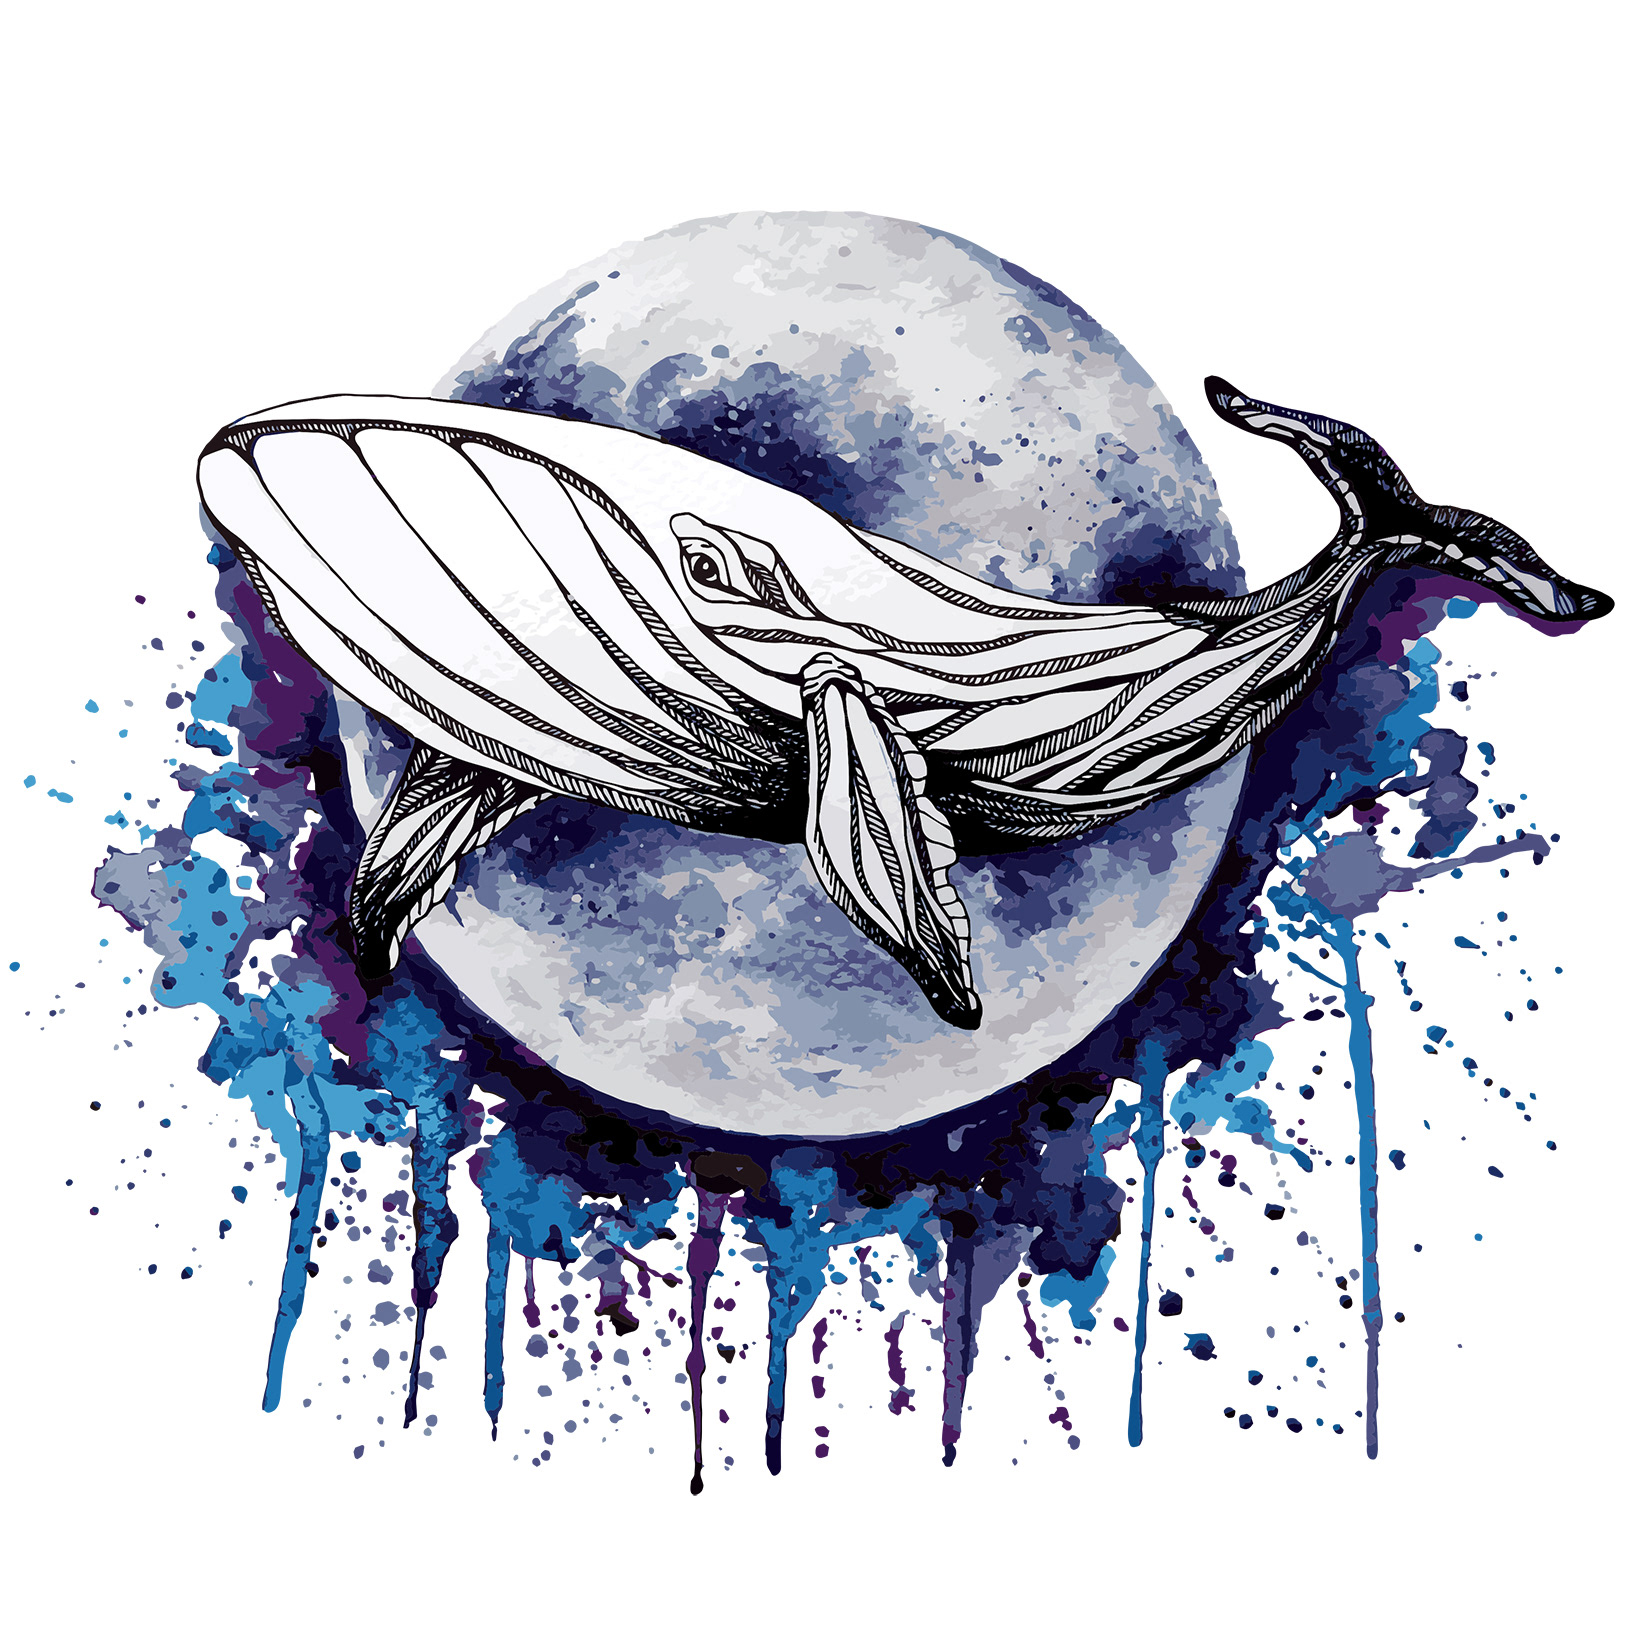 Что означают картинки с китом